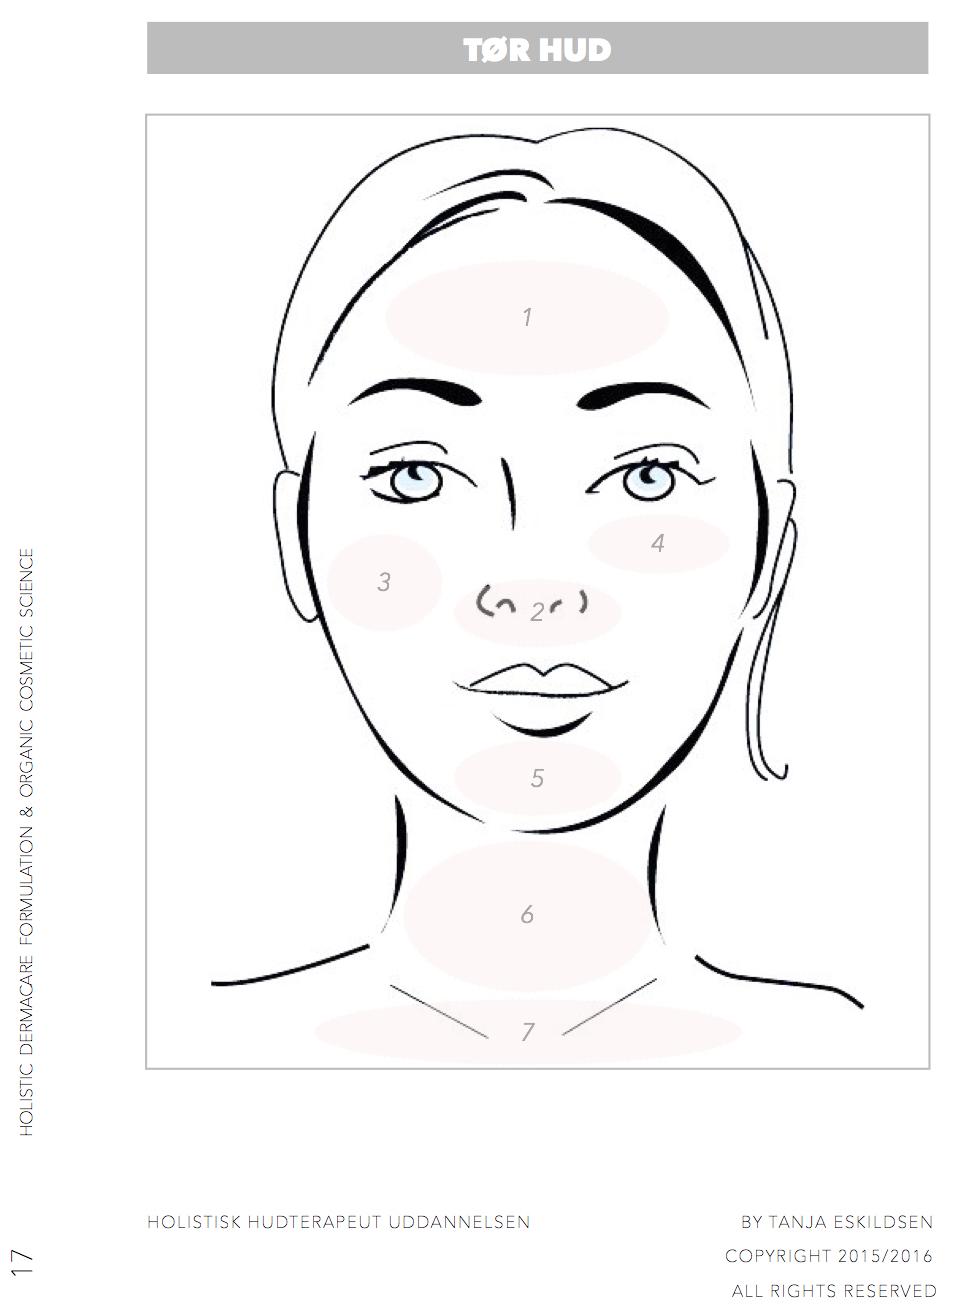 Tør hud holistisk pleje